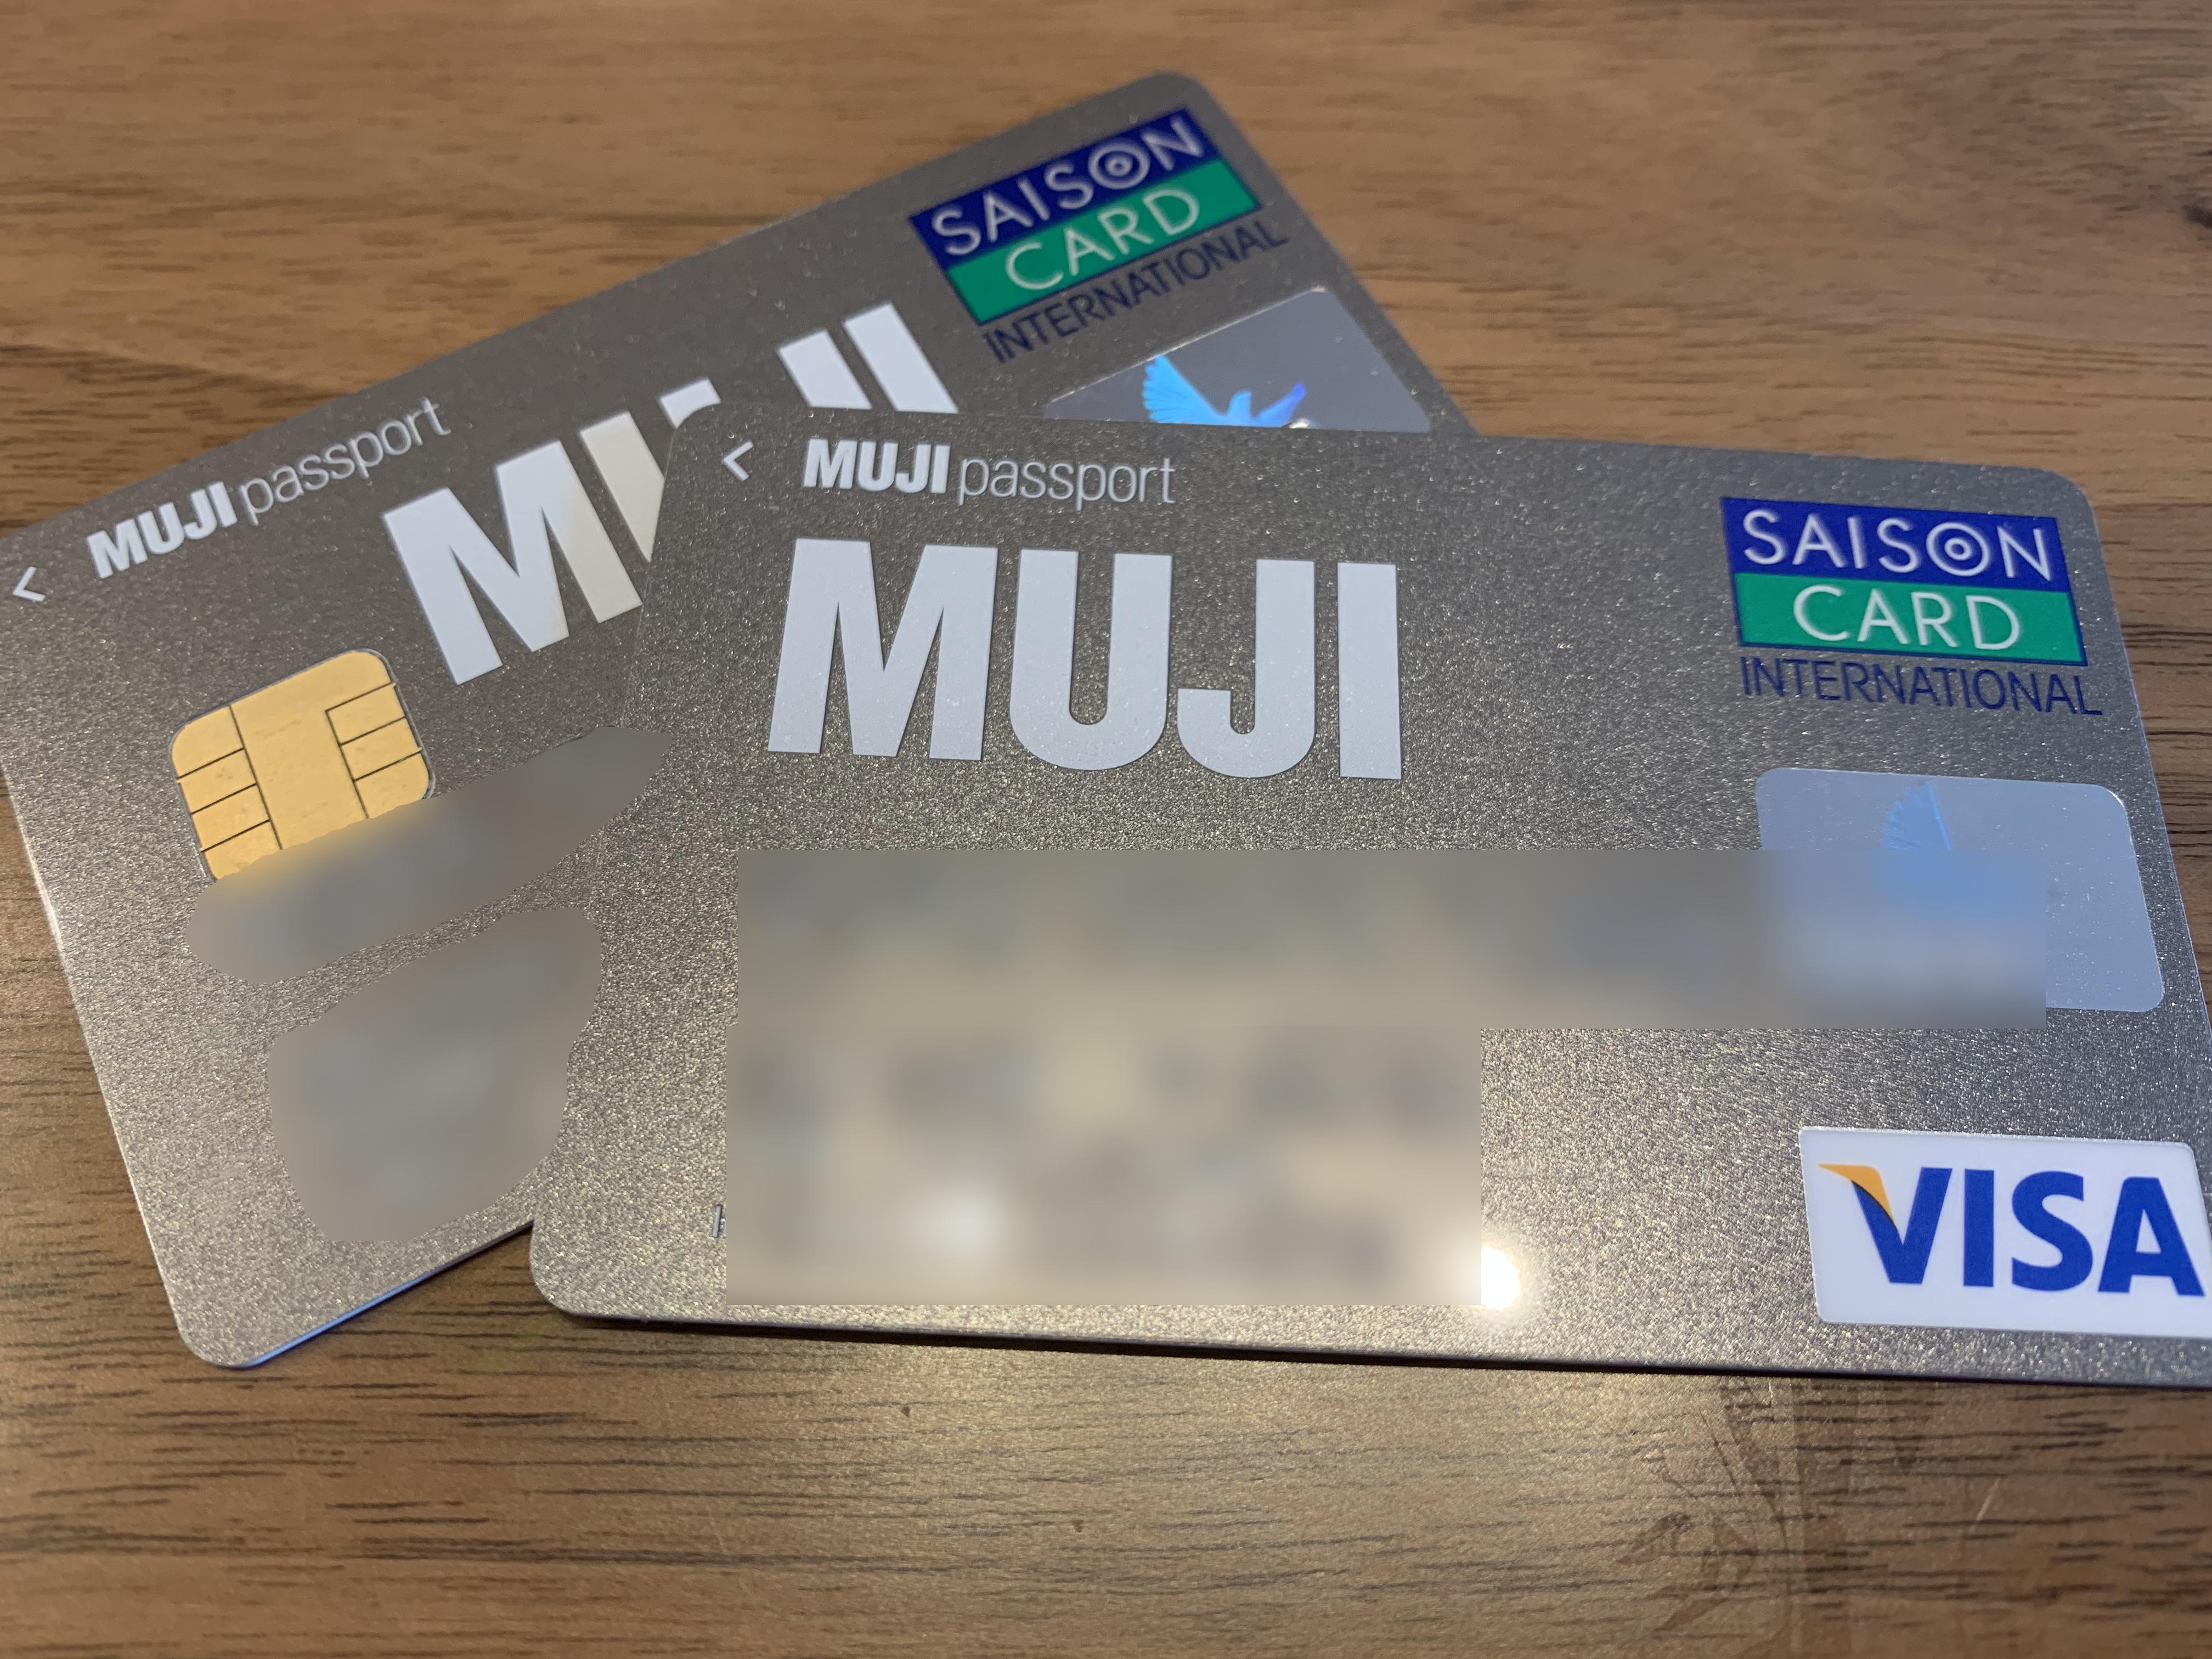 無印良品でお得に買うならmujiカードは必須!クーポンポイント利用しよう